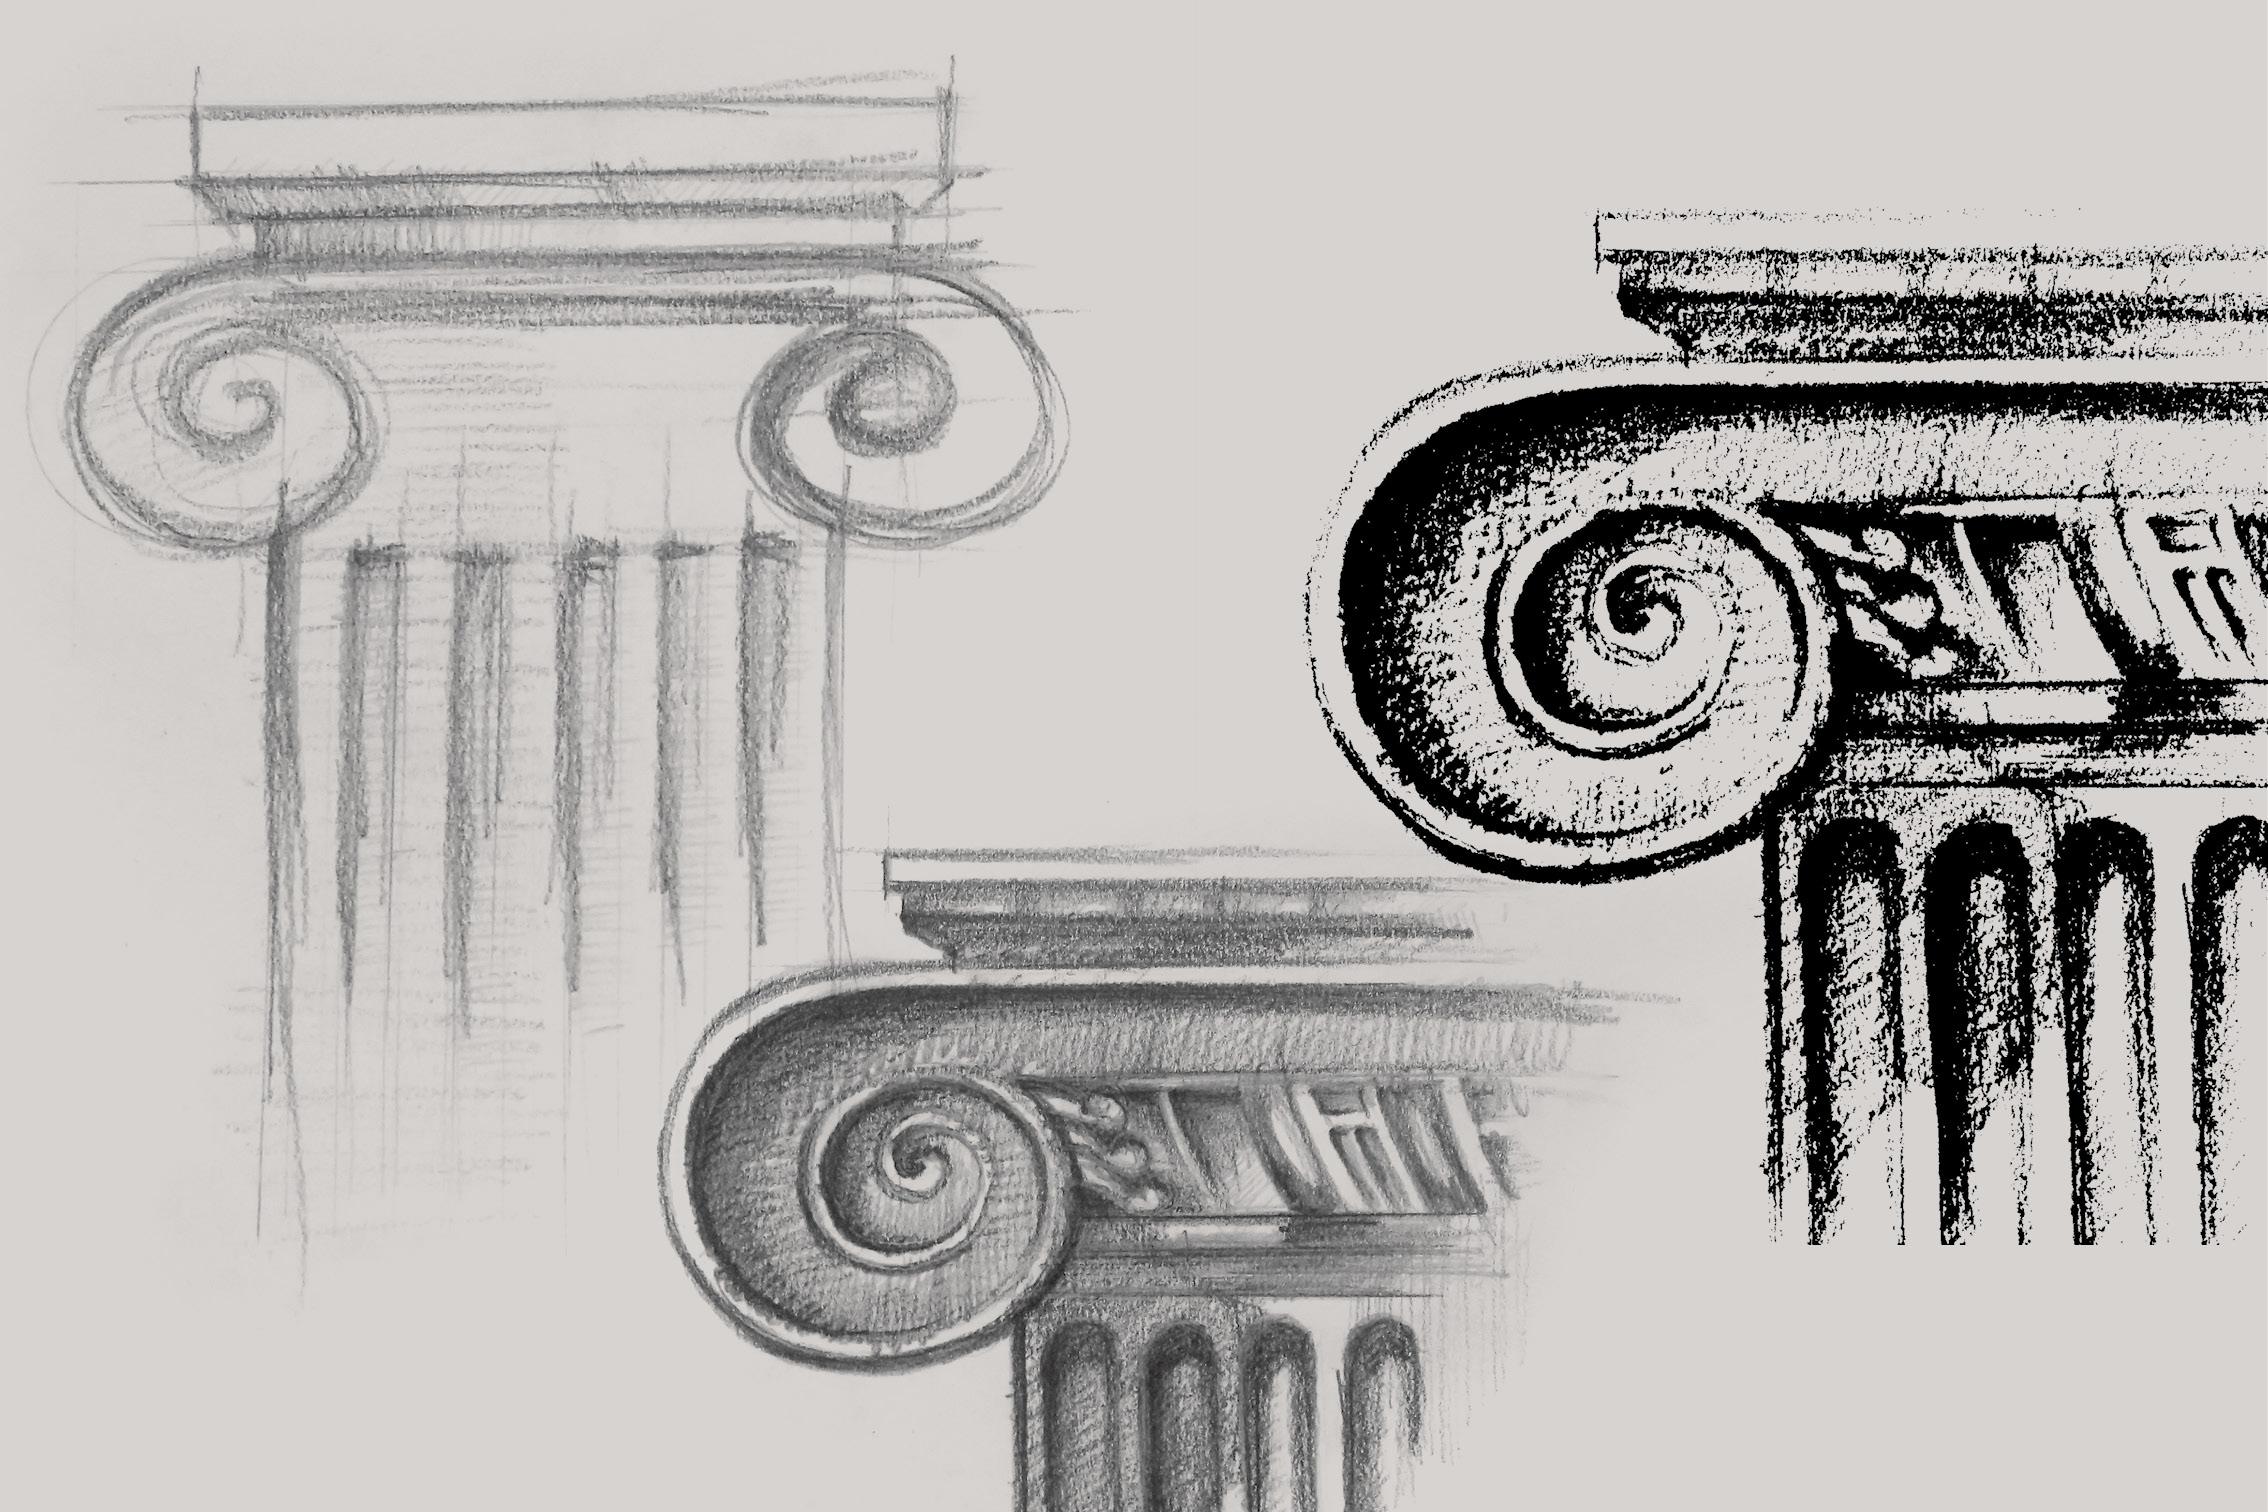 zrzm_logo_ma-ma_marinsek3